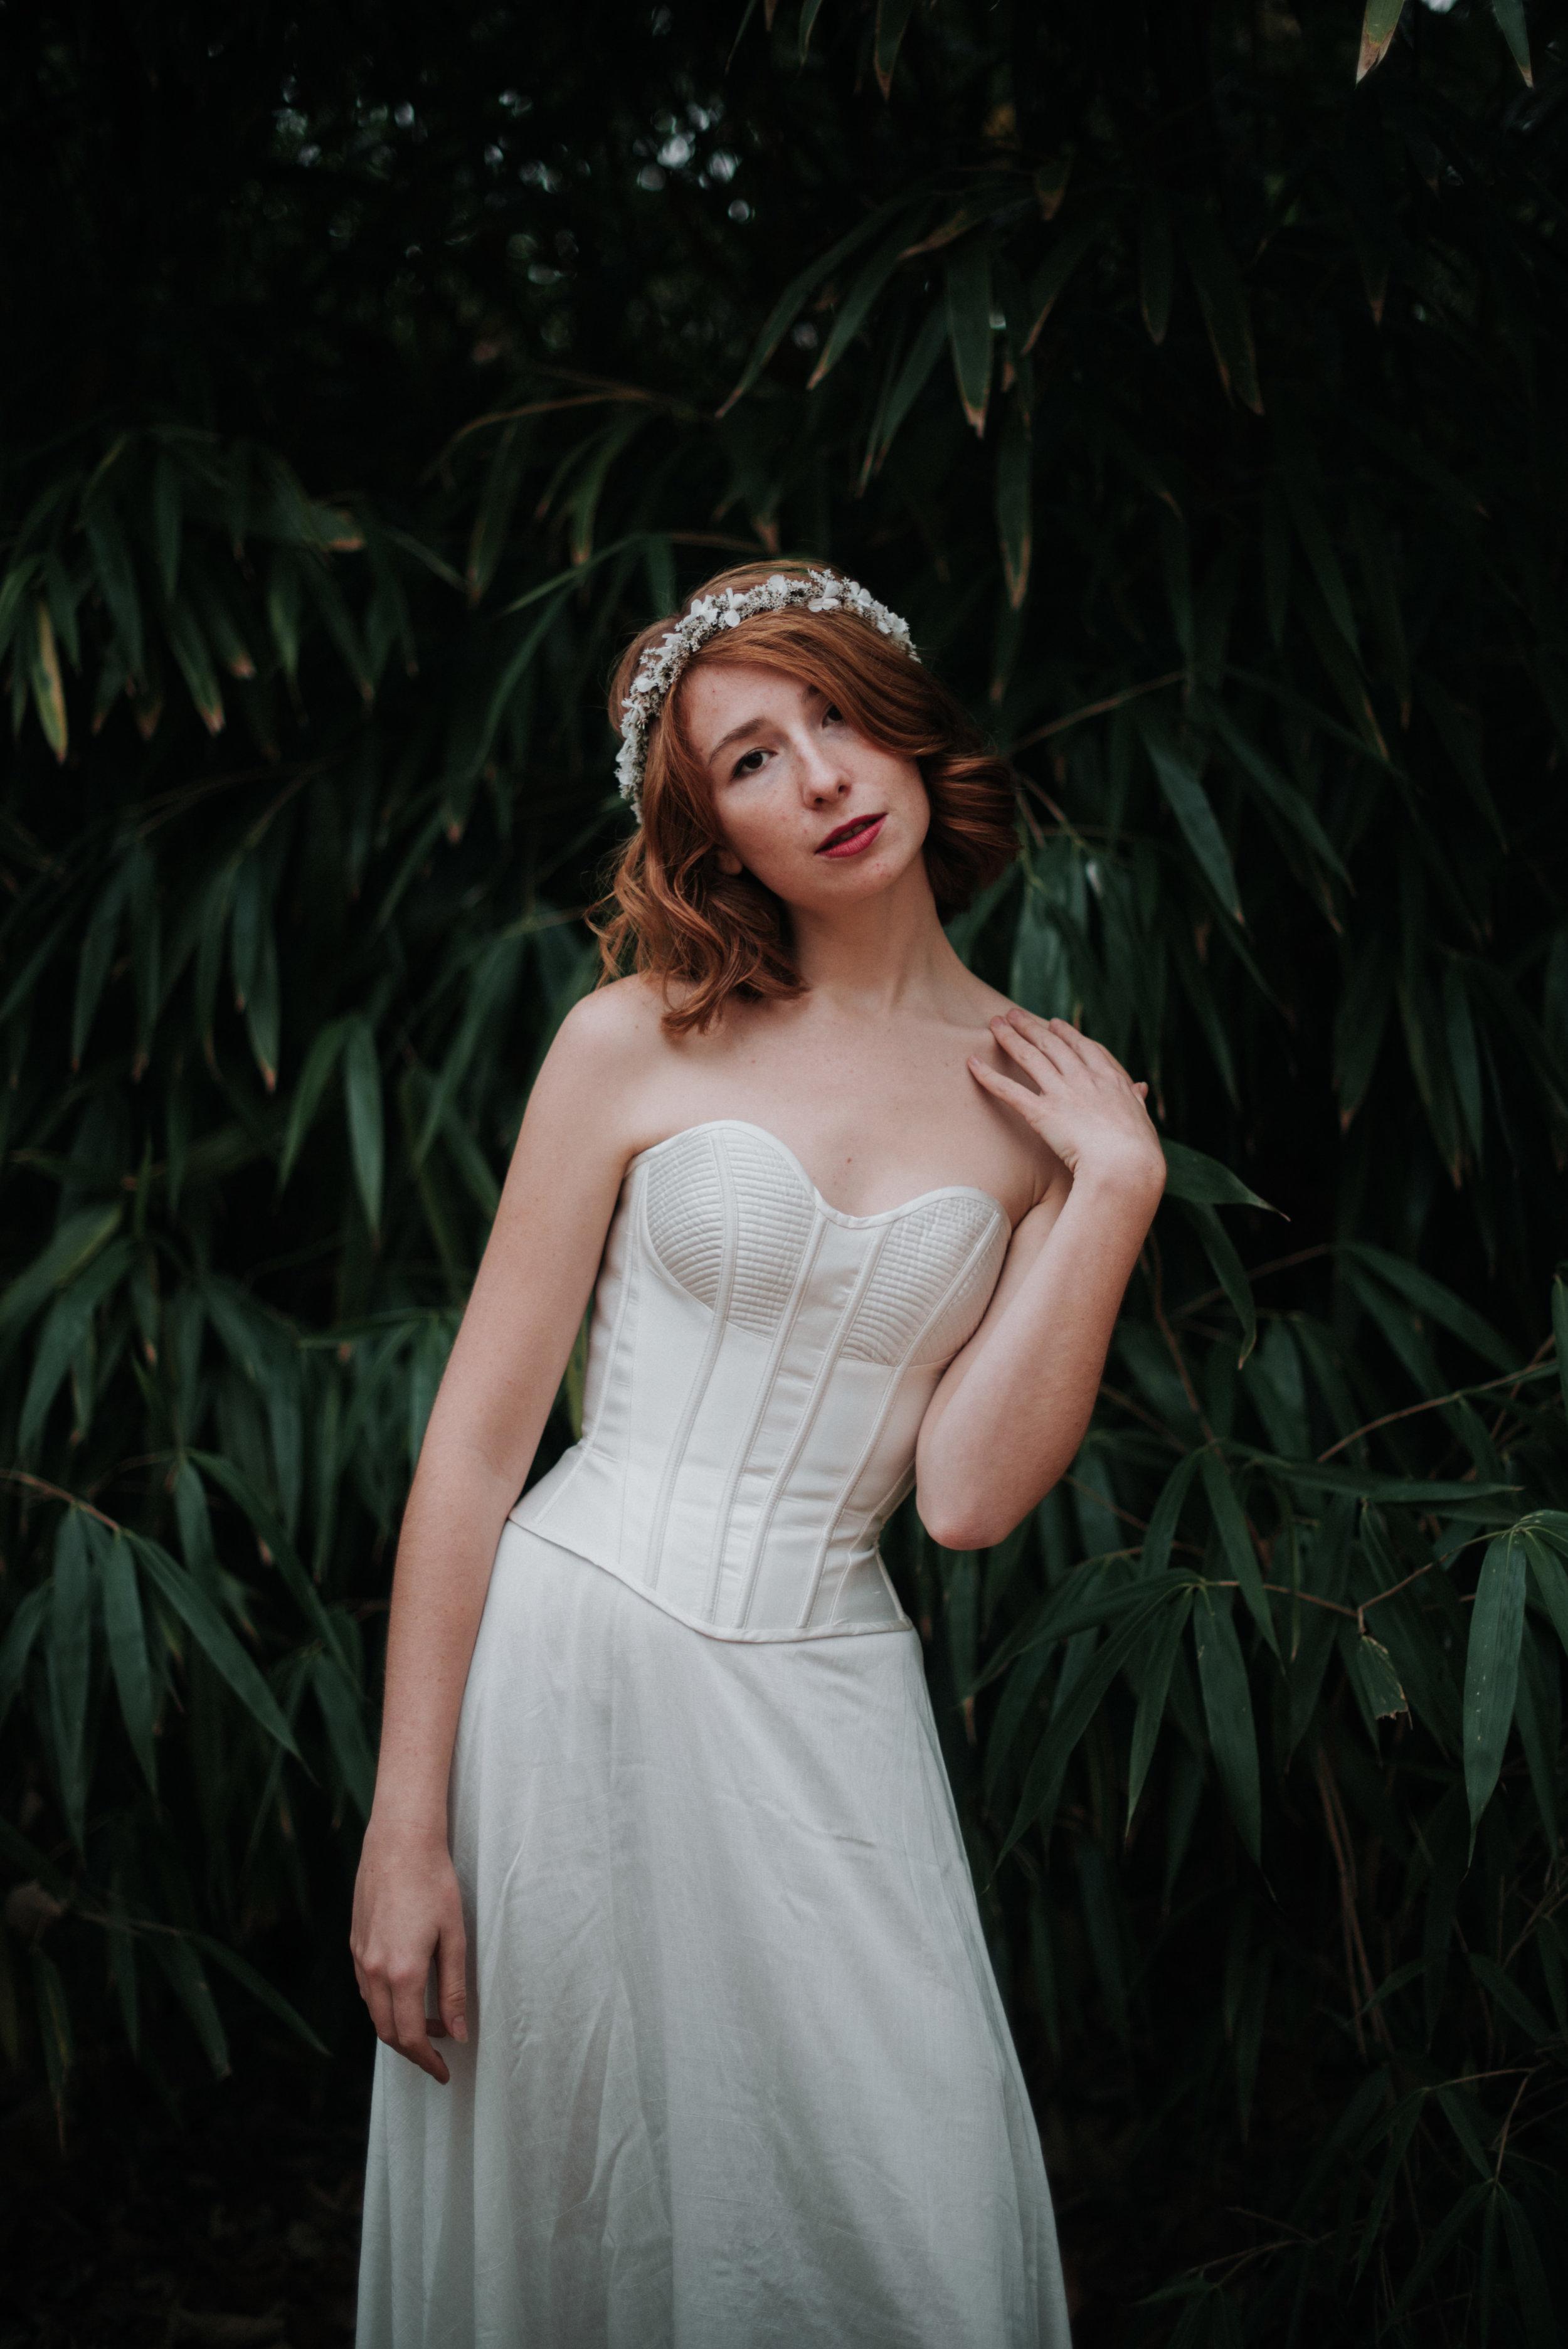 Léa-Fery-photographe-professionnel-lyon-rhone-alpes-portrait-creation-mariage-evenement-evenementiel-famille-6124.jpg